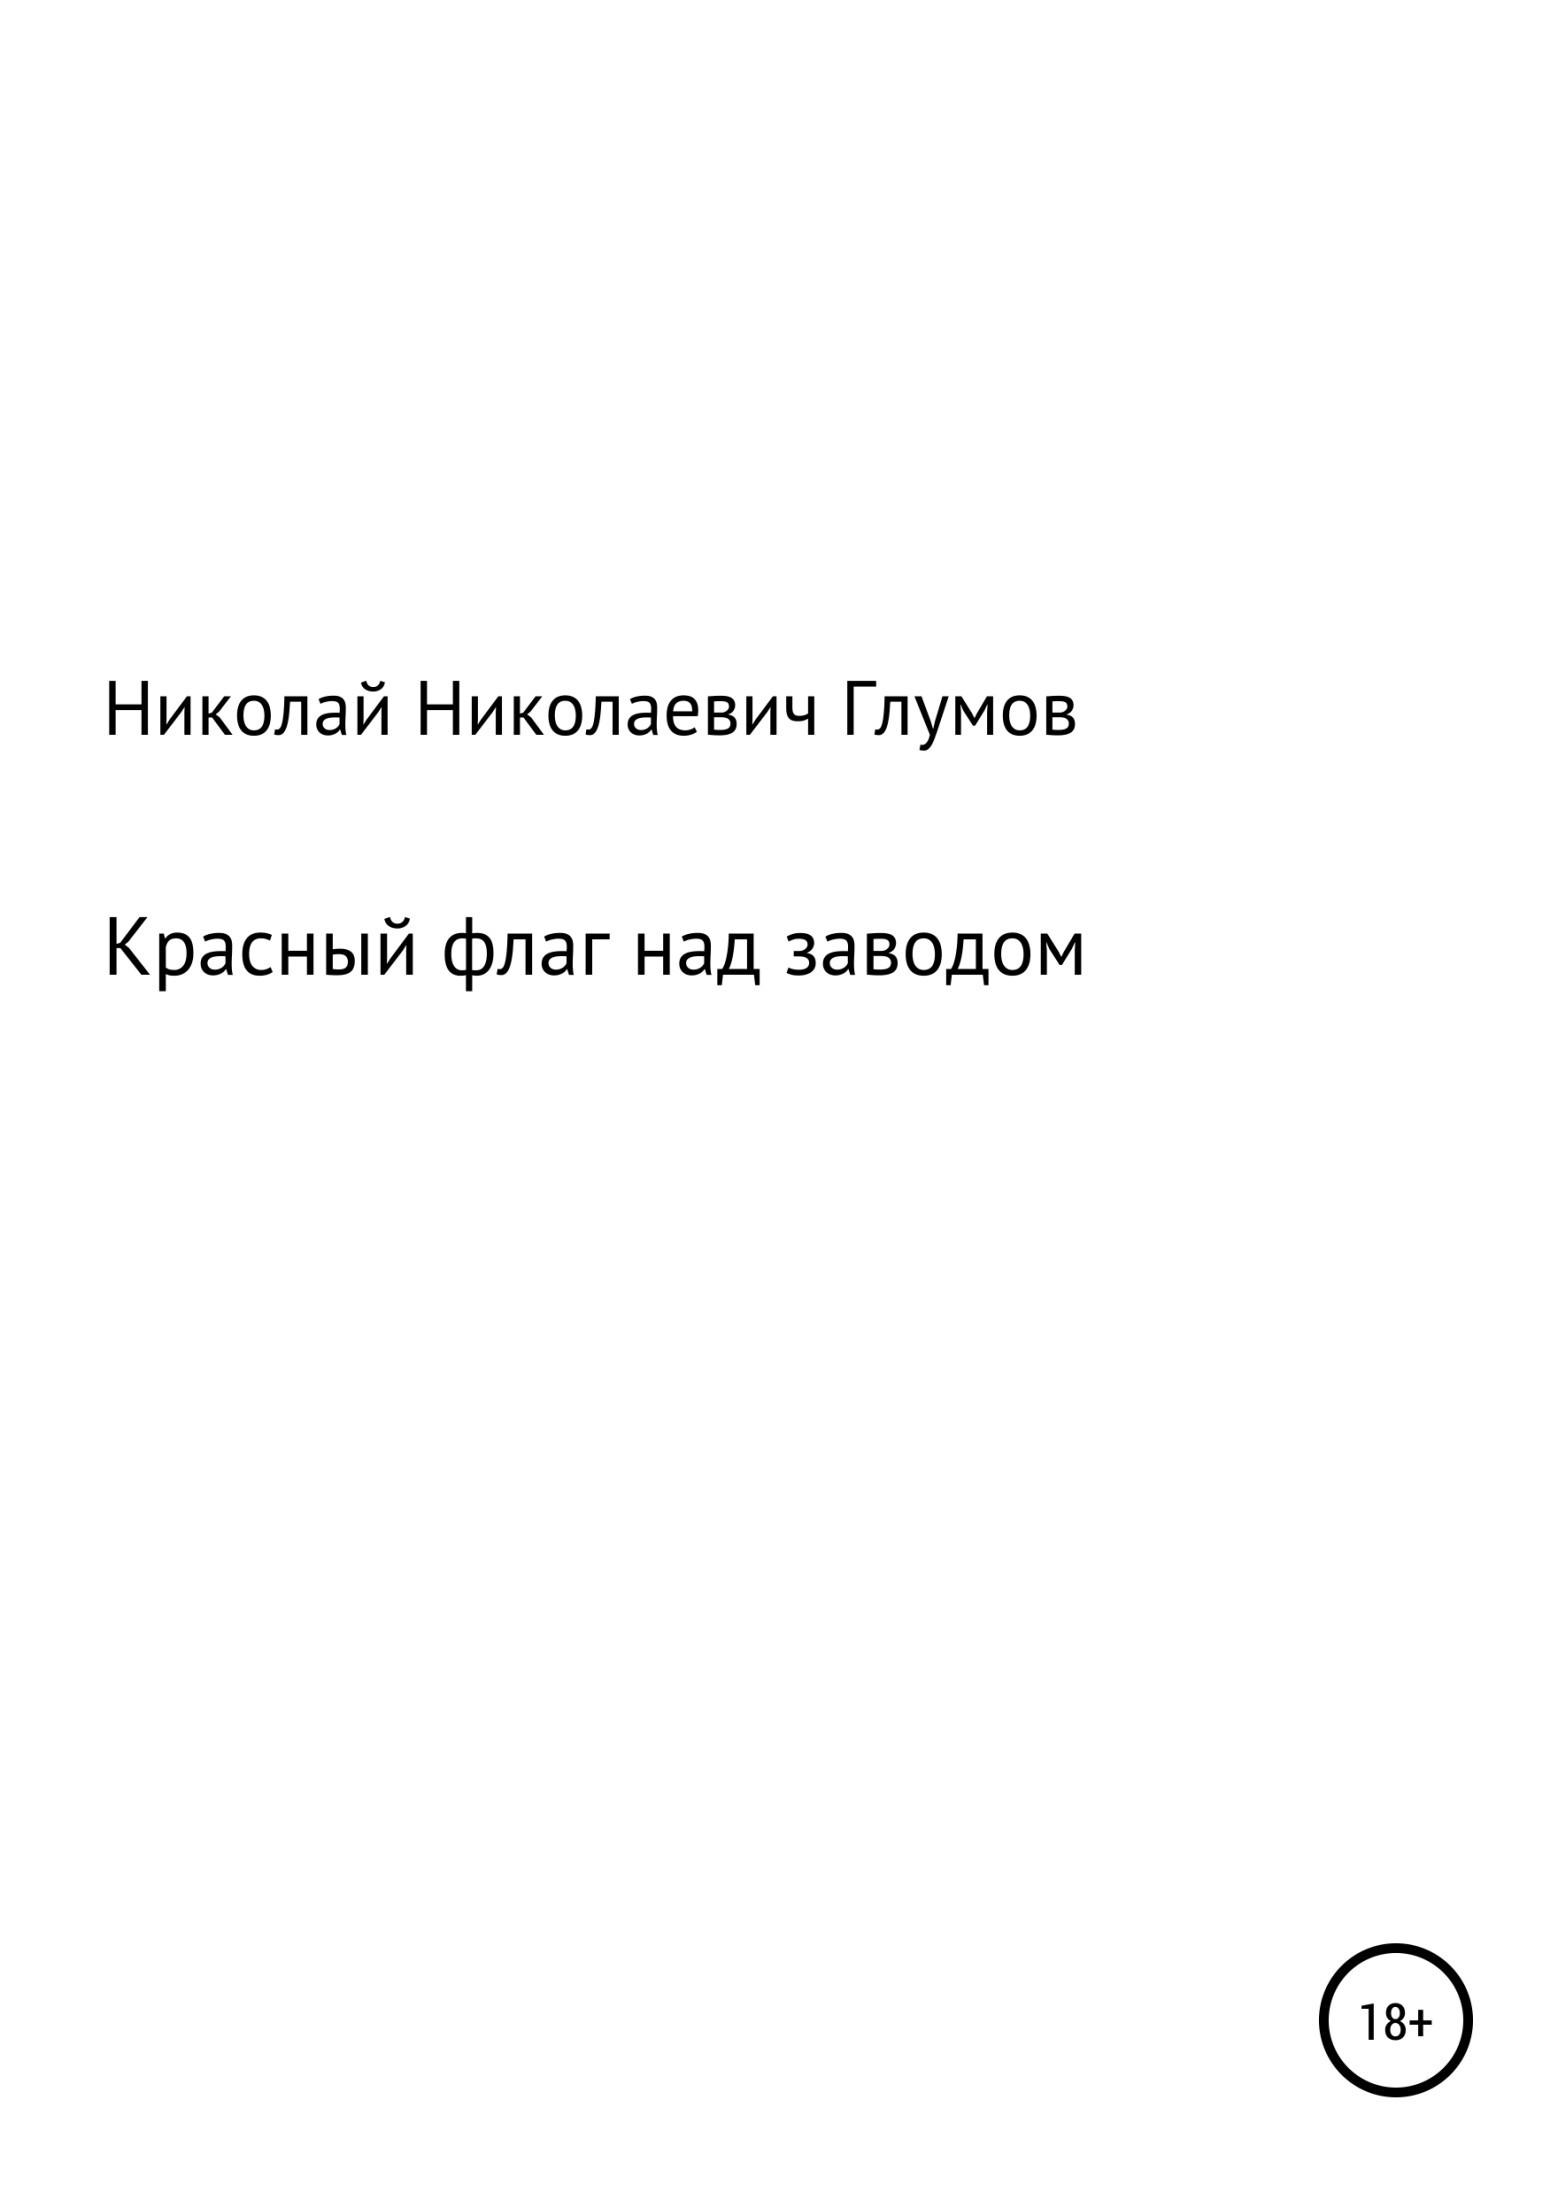 Николай Николаевич Глумов Красный флаг над заводом николай николаевич глумов красный флаг над заводом